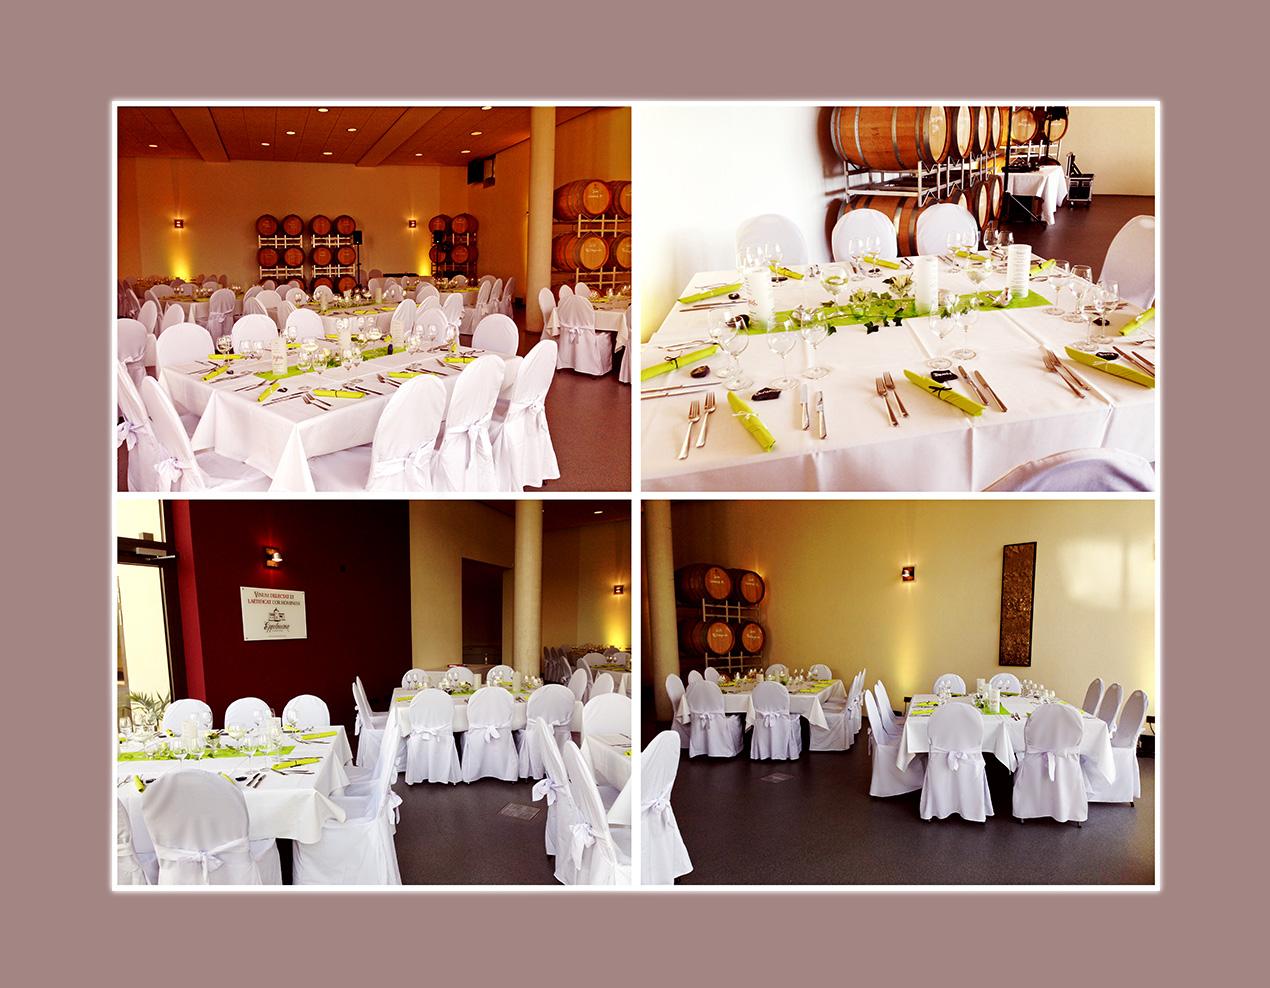 Hochzeitsdeko. BarriqueScheune im Weingut Eppelmann als Hochzeitslocation Hochzeitsaal in Mainz Bad Kreuznach